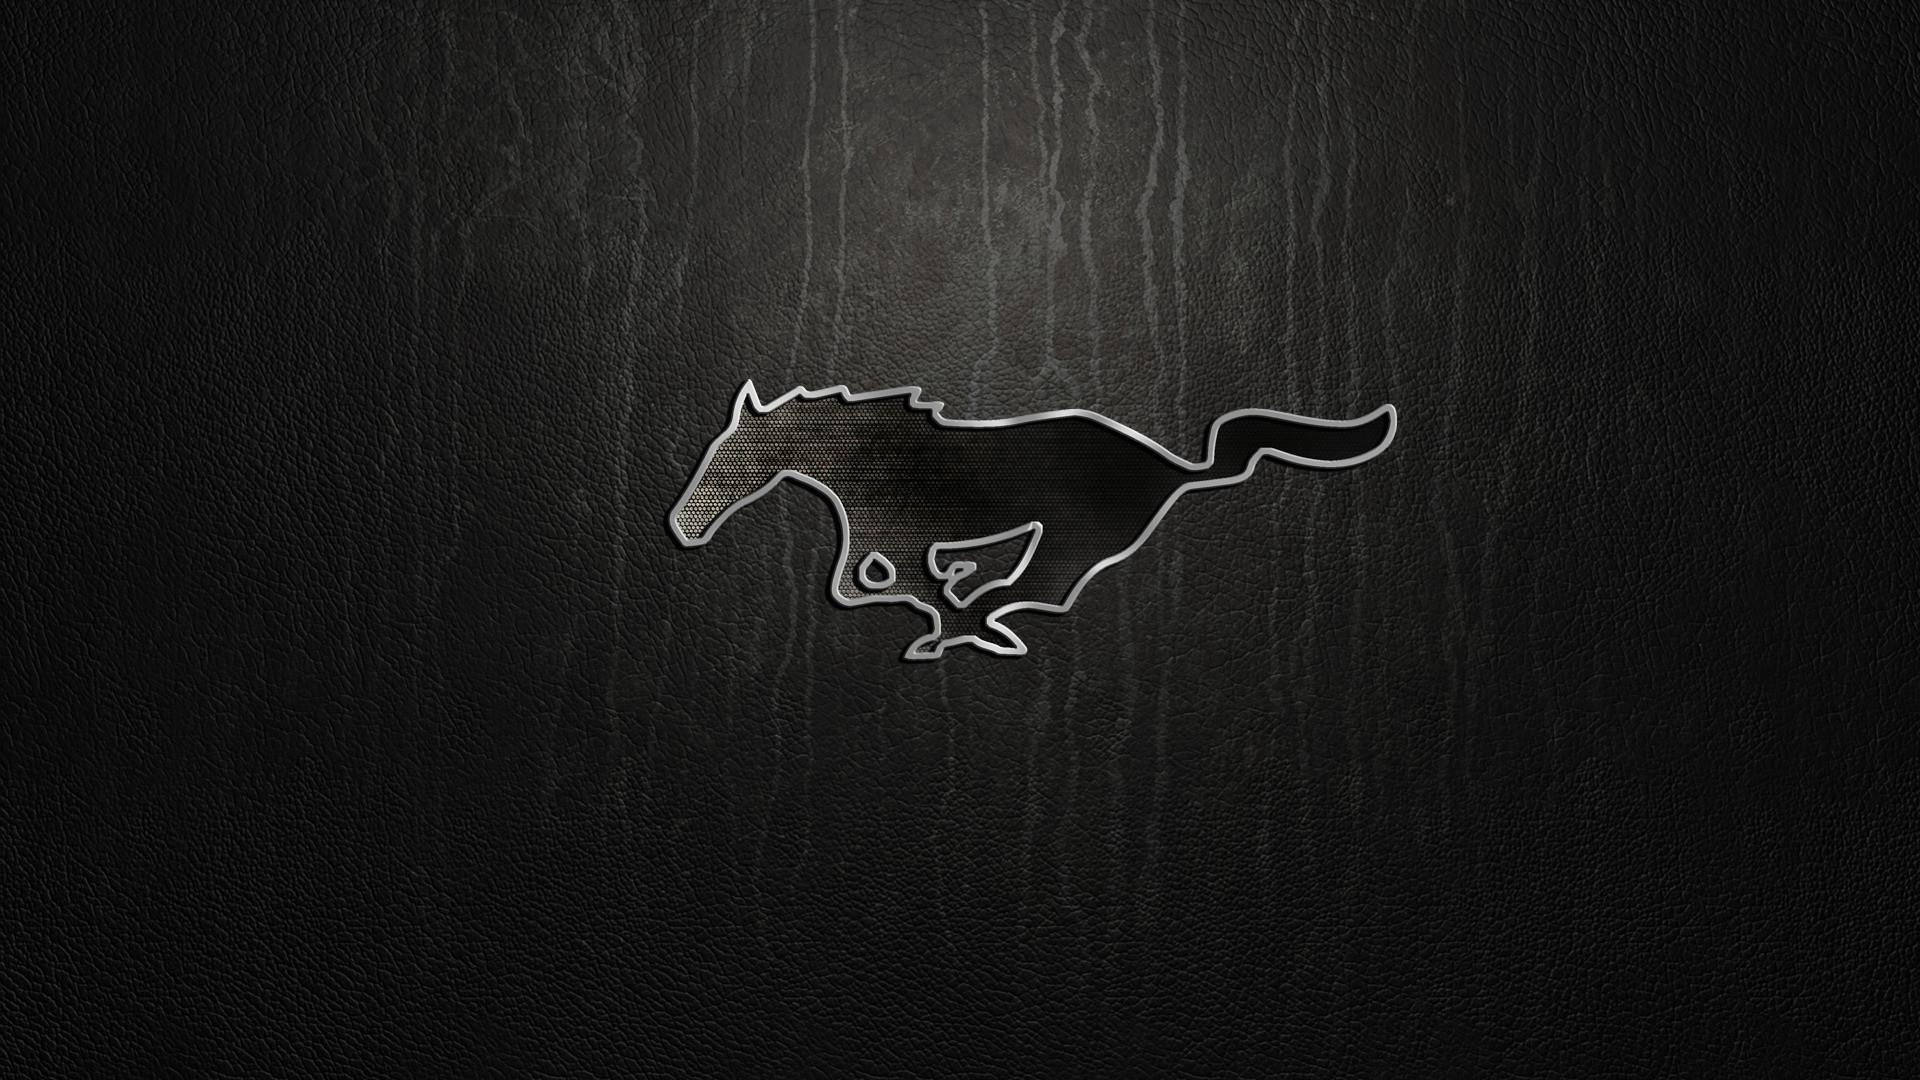 2295x2119 New 2013 Dodge Viper Logo Desktop And Mobile Wallpaper Wallippo